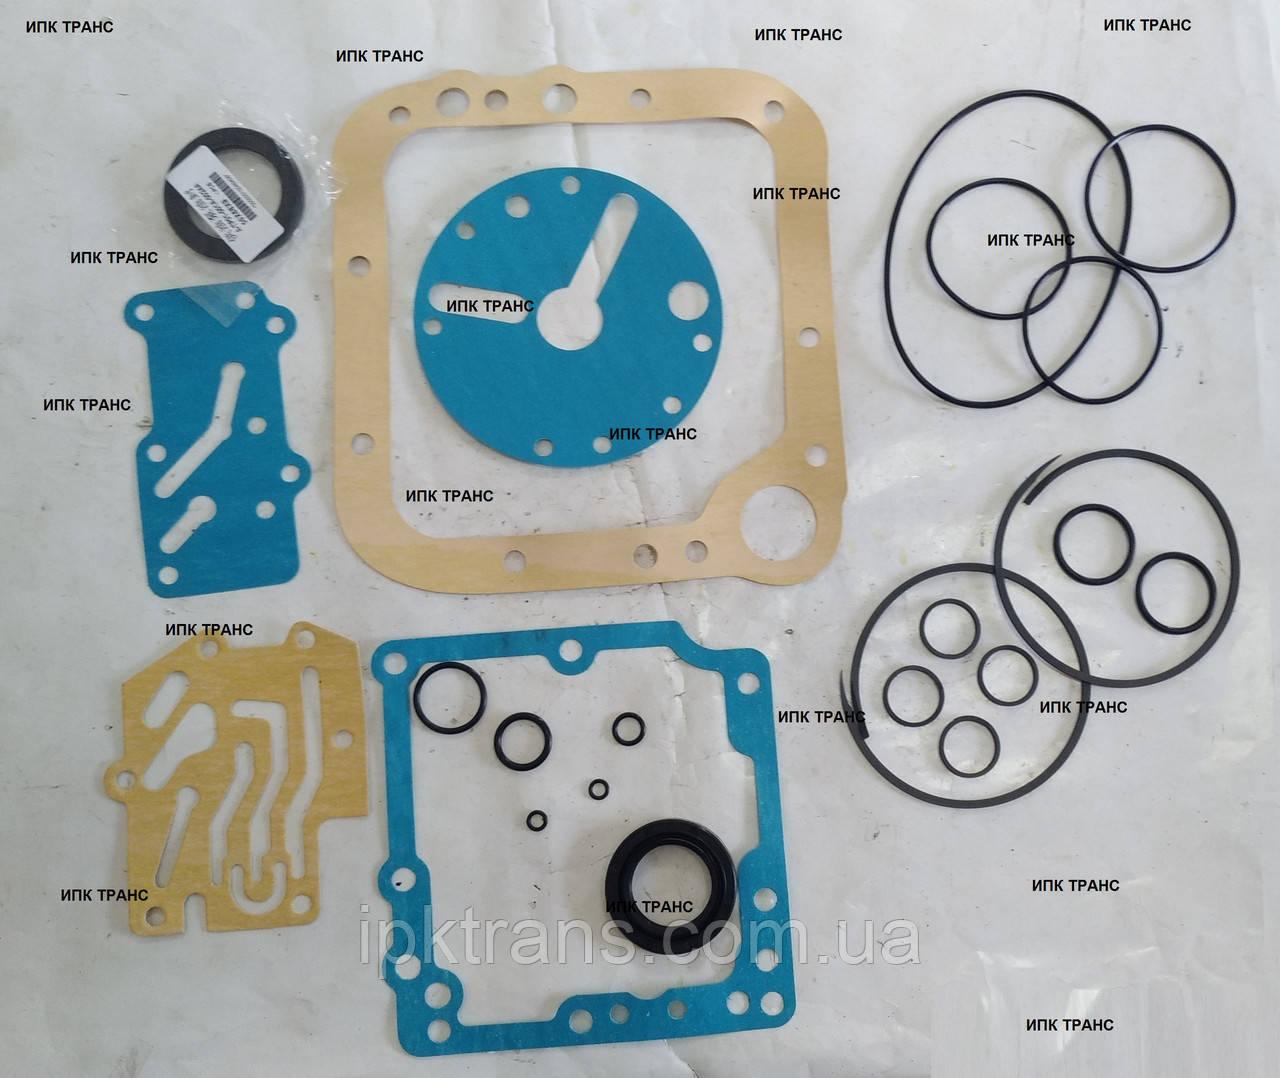 Ремкомплект прокладок коробки передач HELI CPCD30